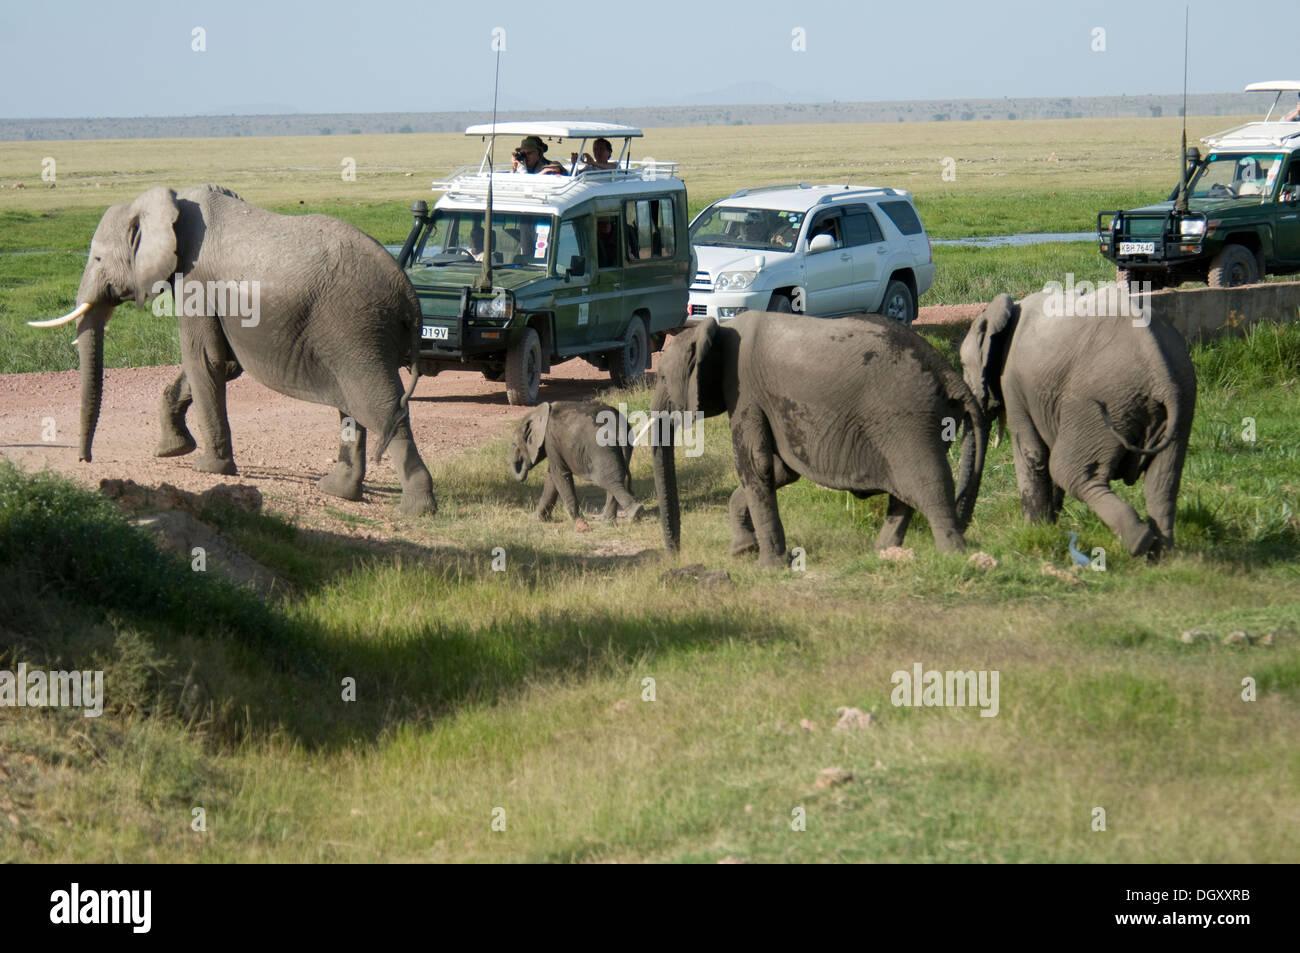 Les éléphants crossing road avec des véhicules de tourisme arrêté Photo Stock